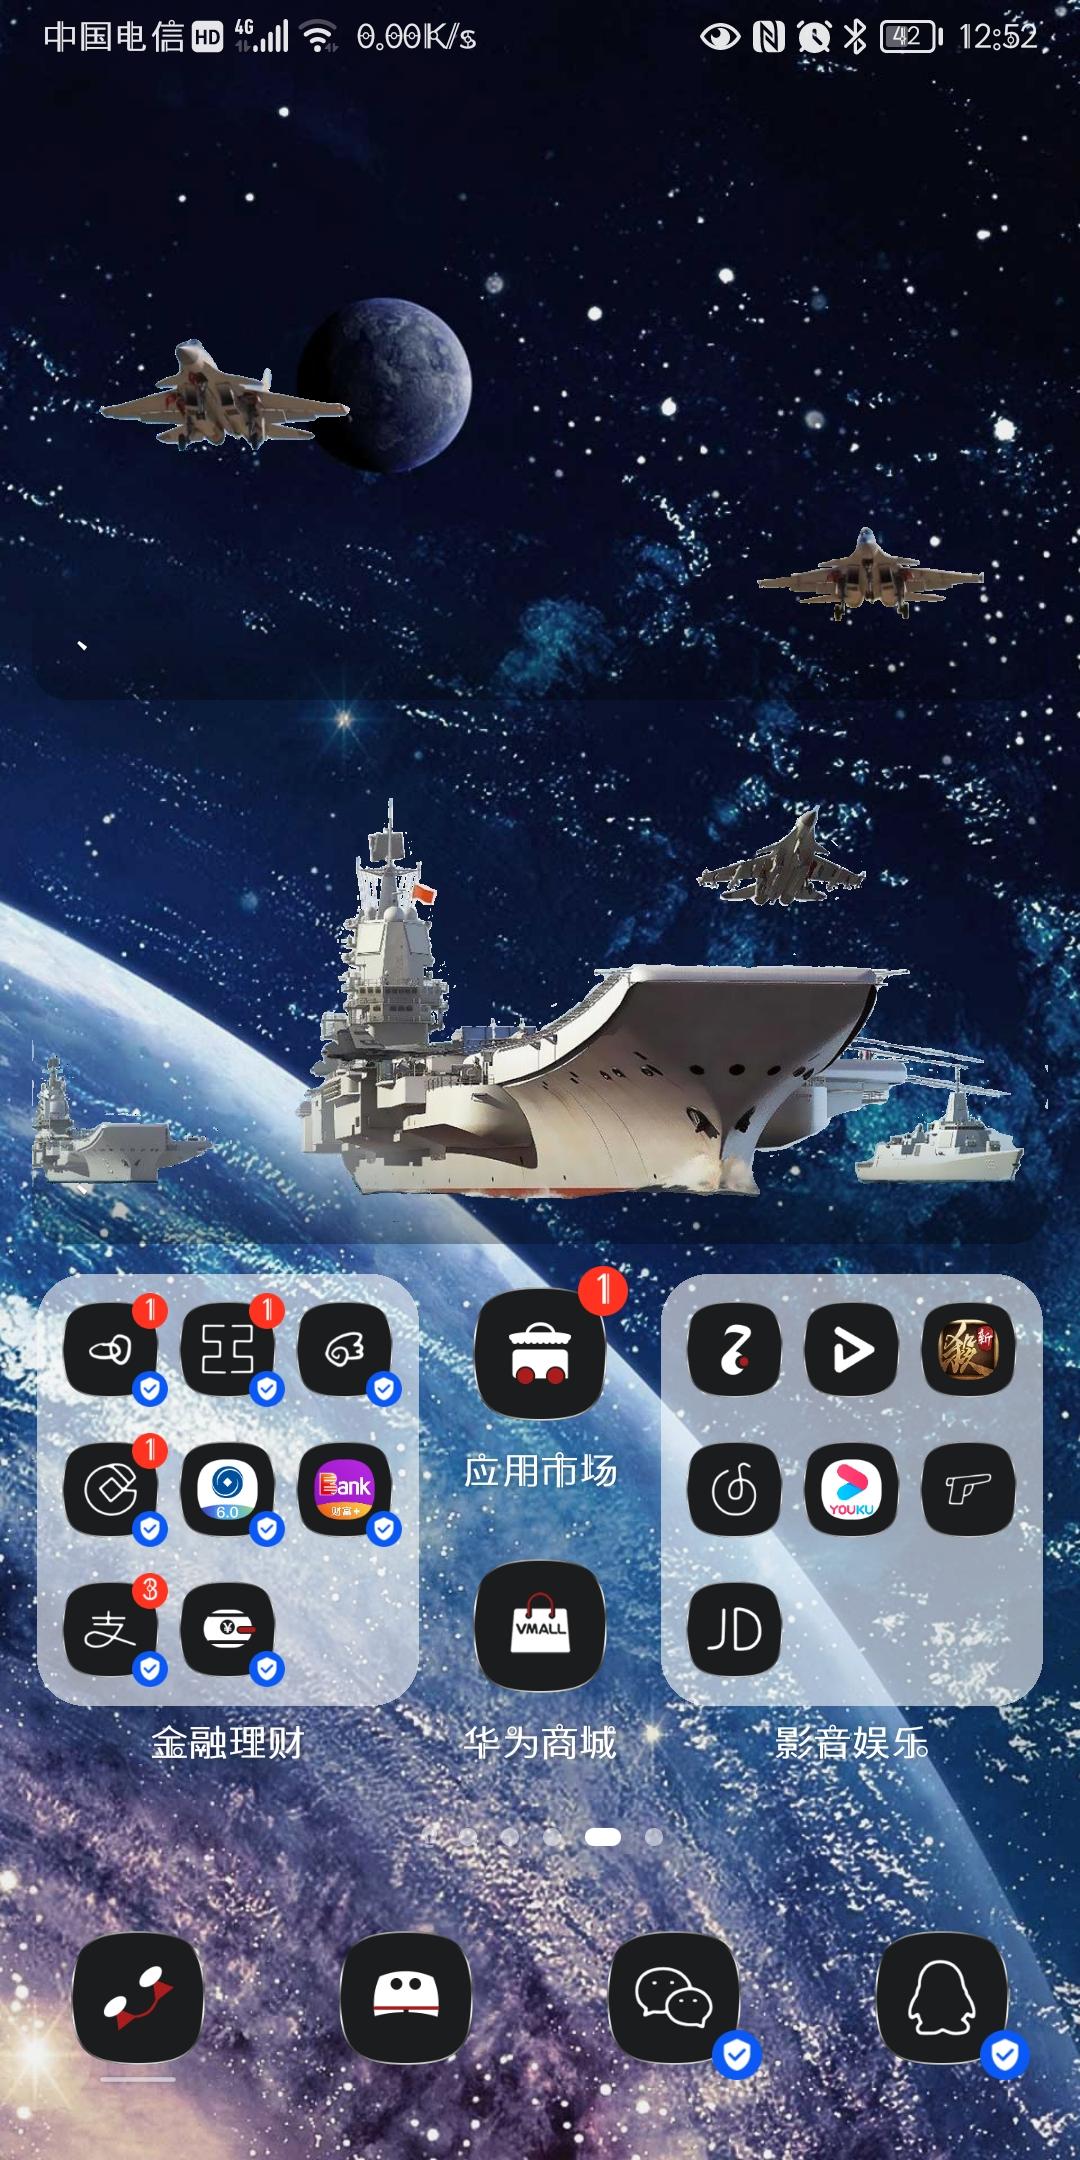 Screenshot_20210909_125257_com.huawei.android.launcher.jpg